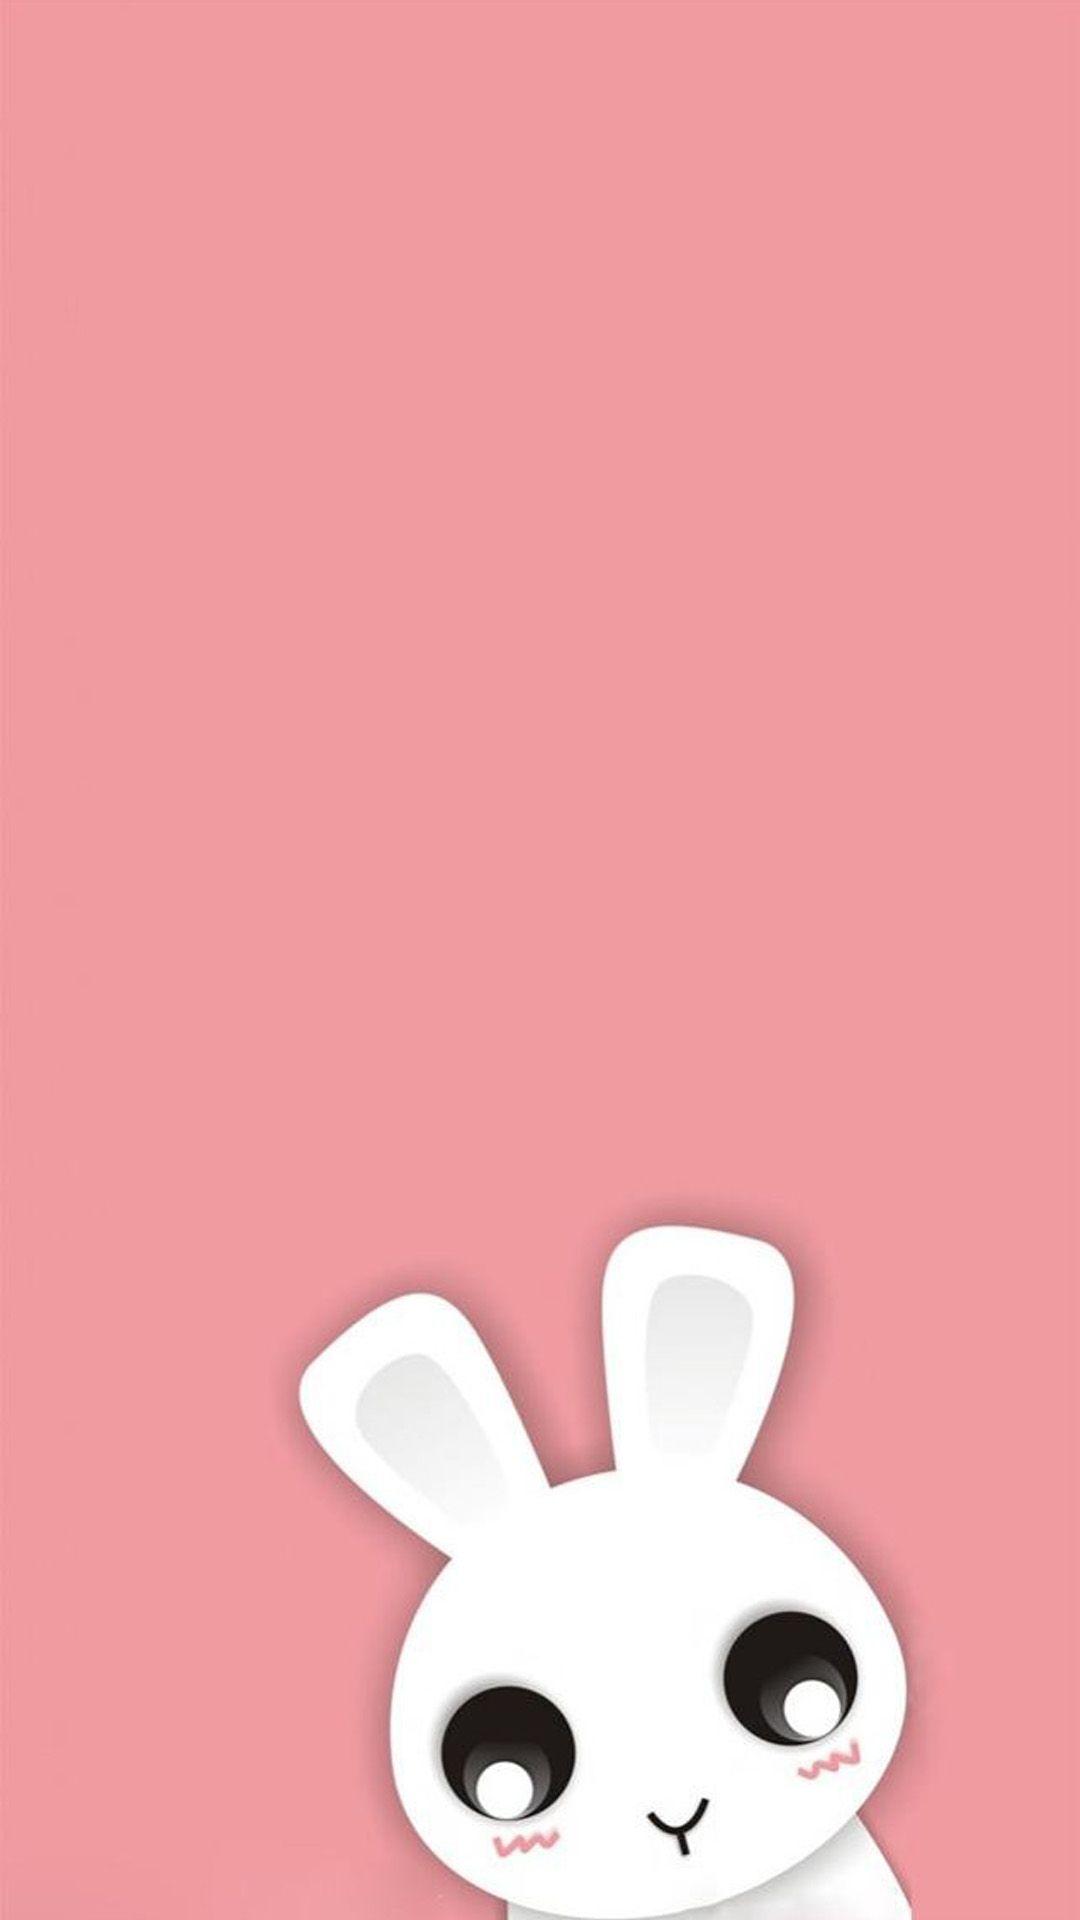 Wallpaper iphone cute - Resultado De Imagen Para Girly Wallpaper For Iphone Wallpaper Kawaii Pinterest Wallpaper